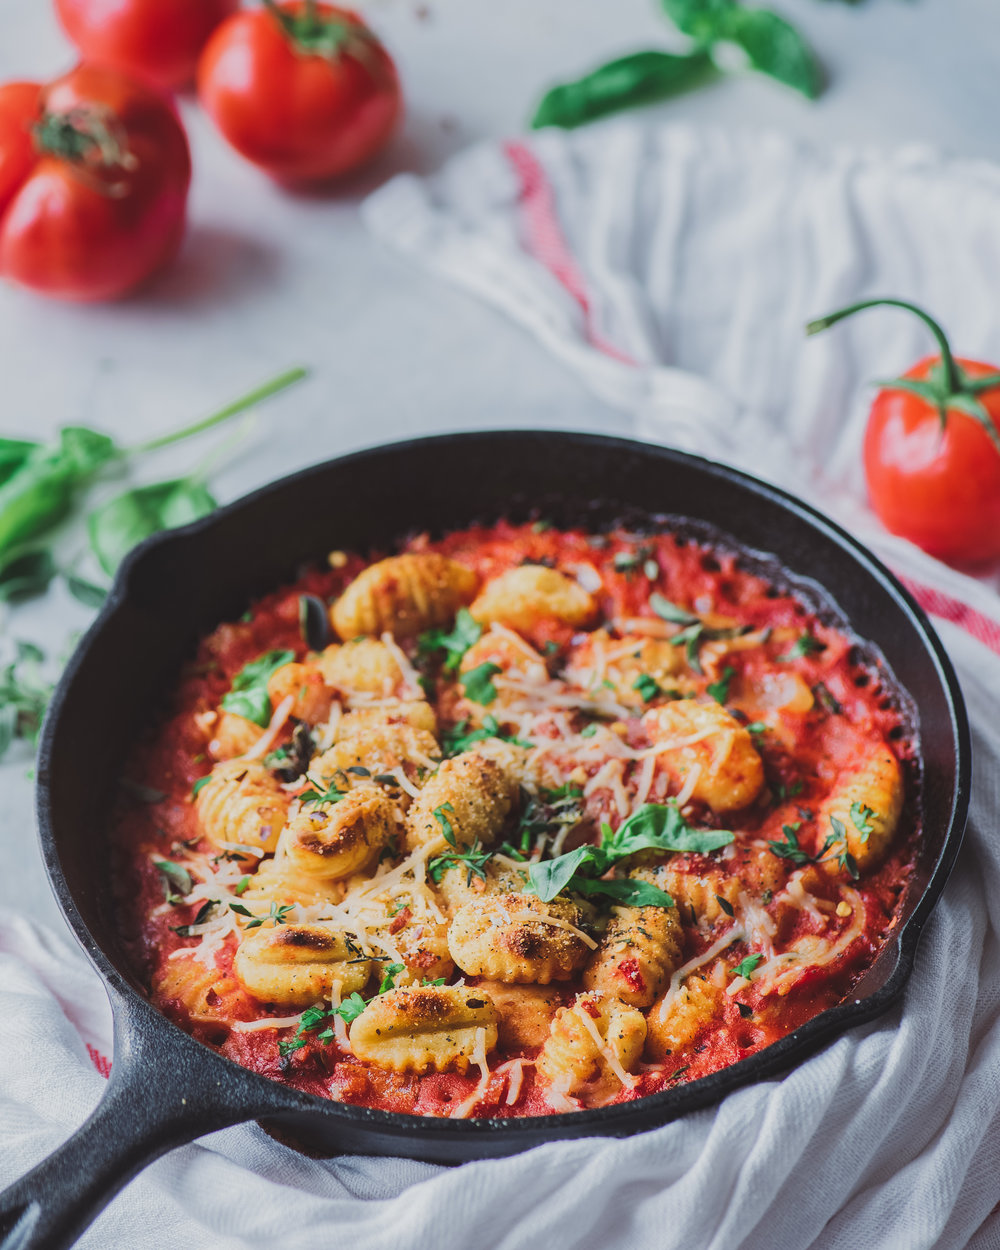 vegan gnocchi - gnocchi with arrabbiata sauce